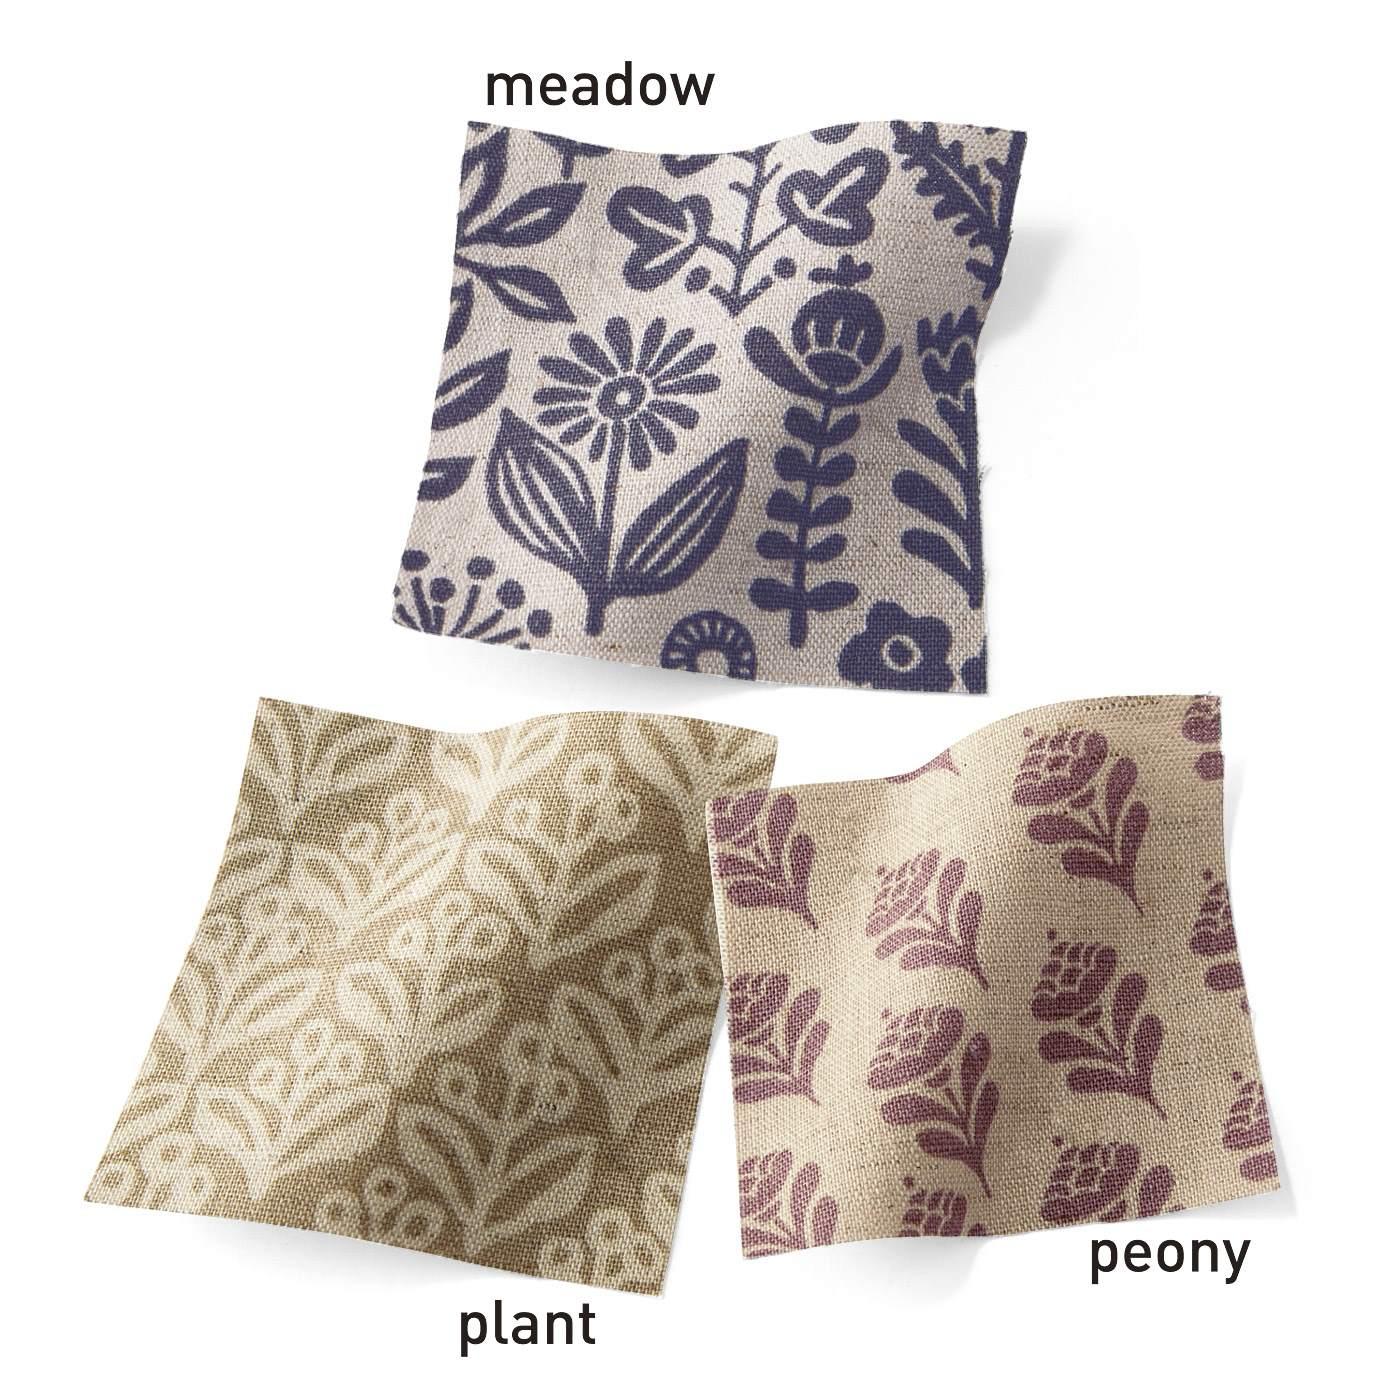 ●この3種類の中からお届けします。綿・麻混の肌ざわりのよい素材。